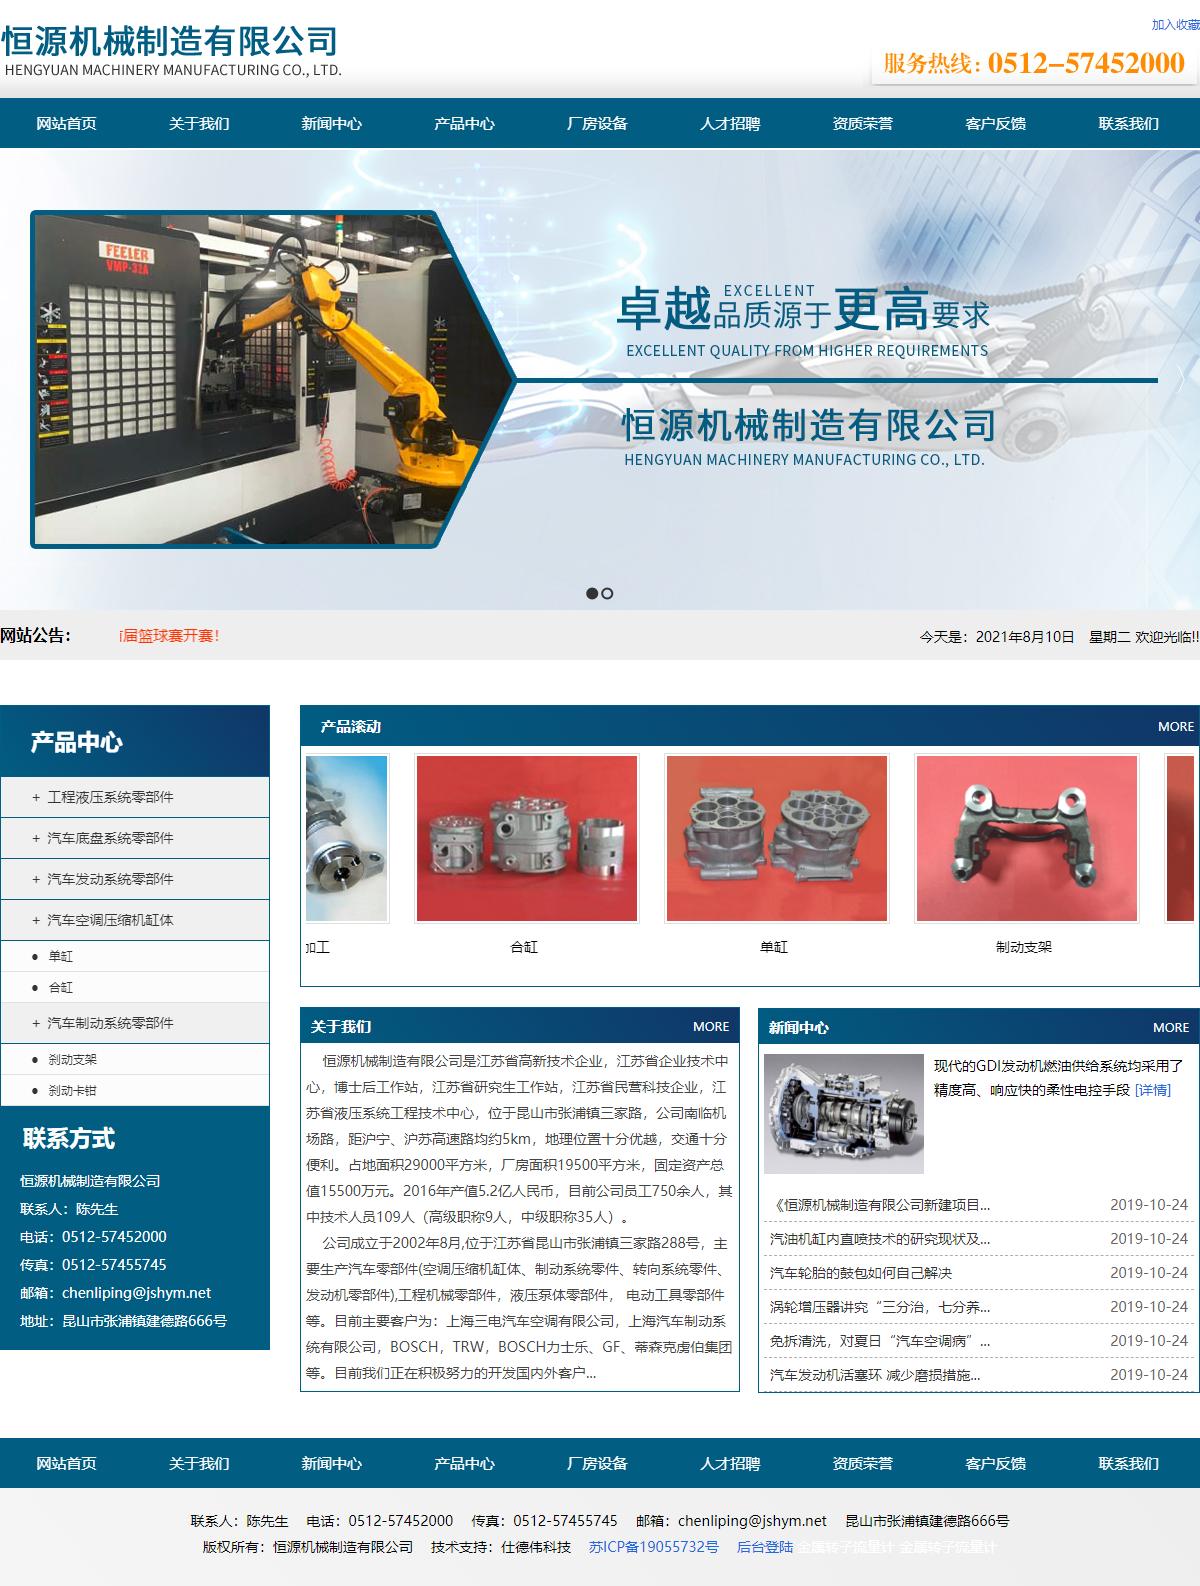 昆山恒源机械制造有限公司网站案例